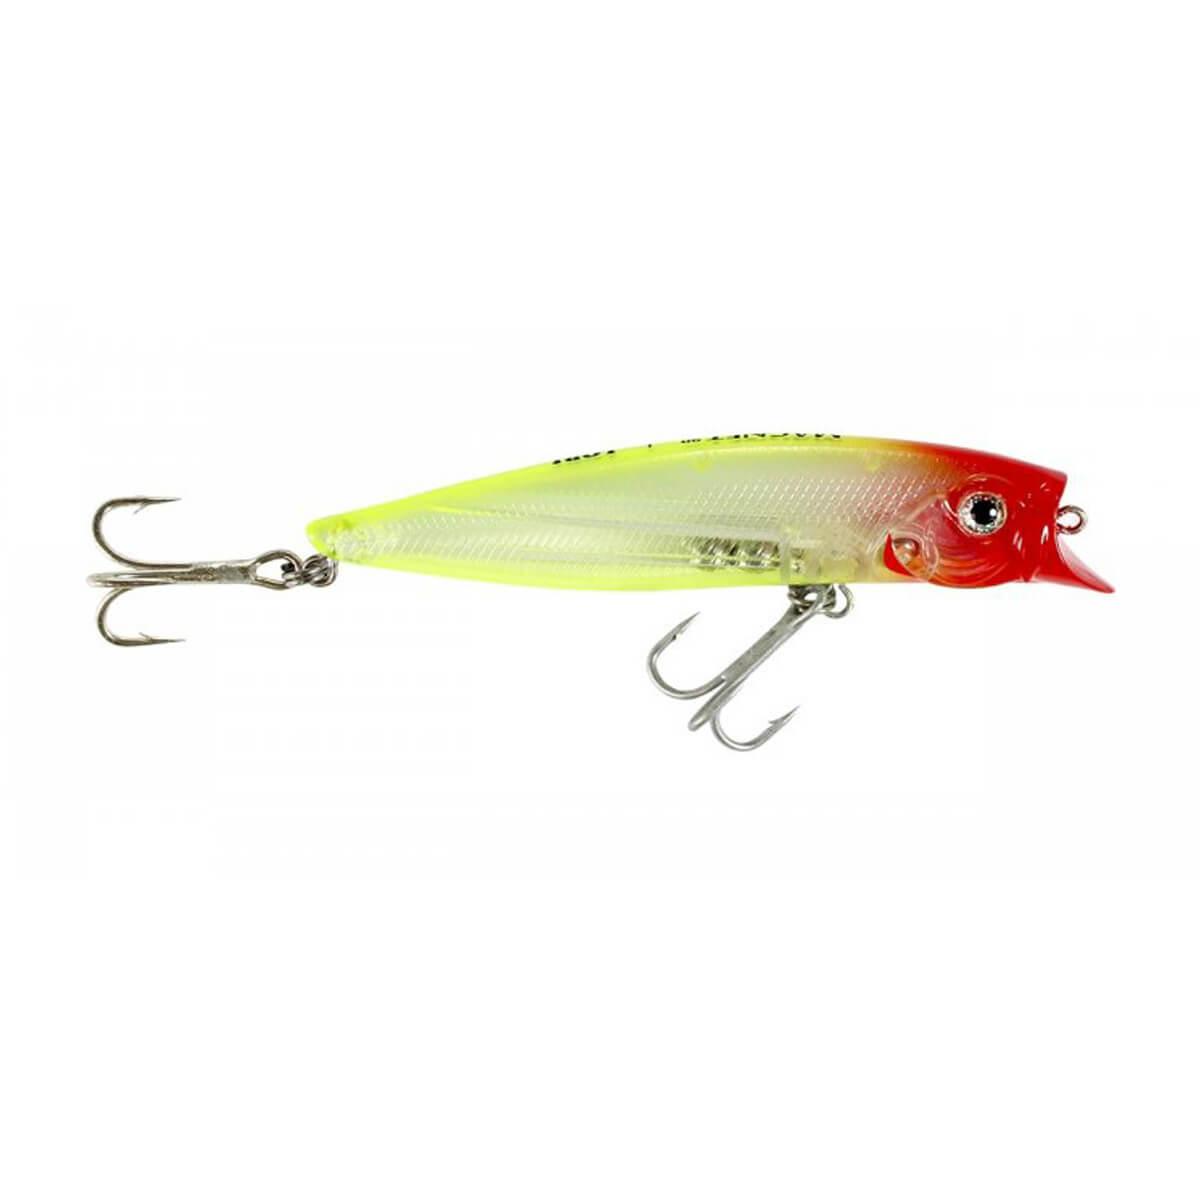 Isca Artificial Lori Magnet 90  - Pró Pesca Shop